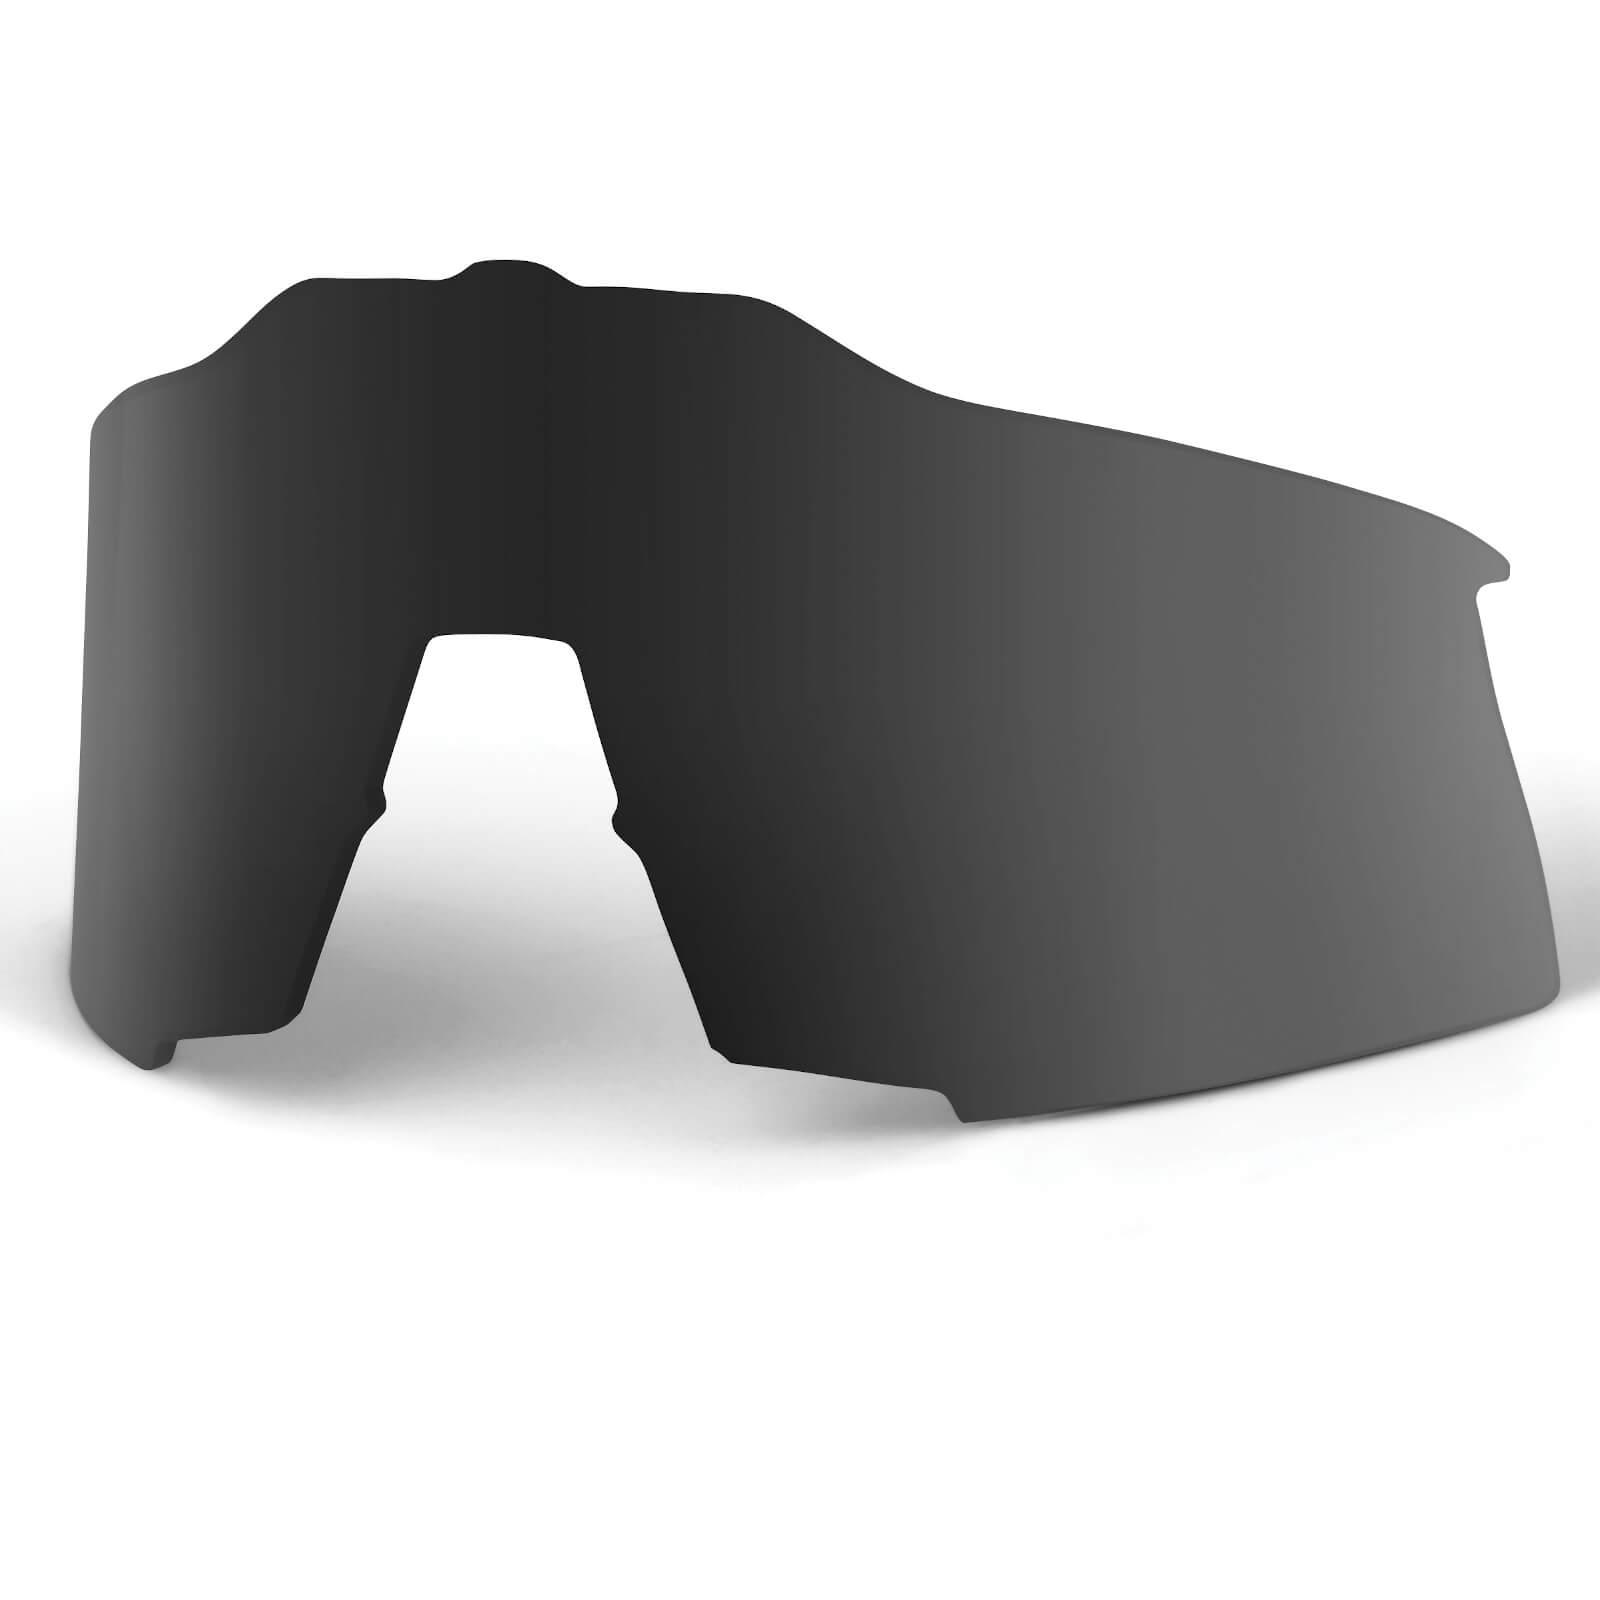 100% Speedcraft Replacement Mirror Lens - Schwarz